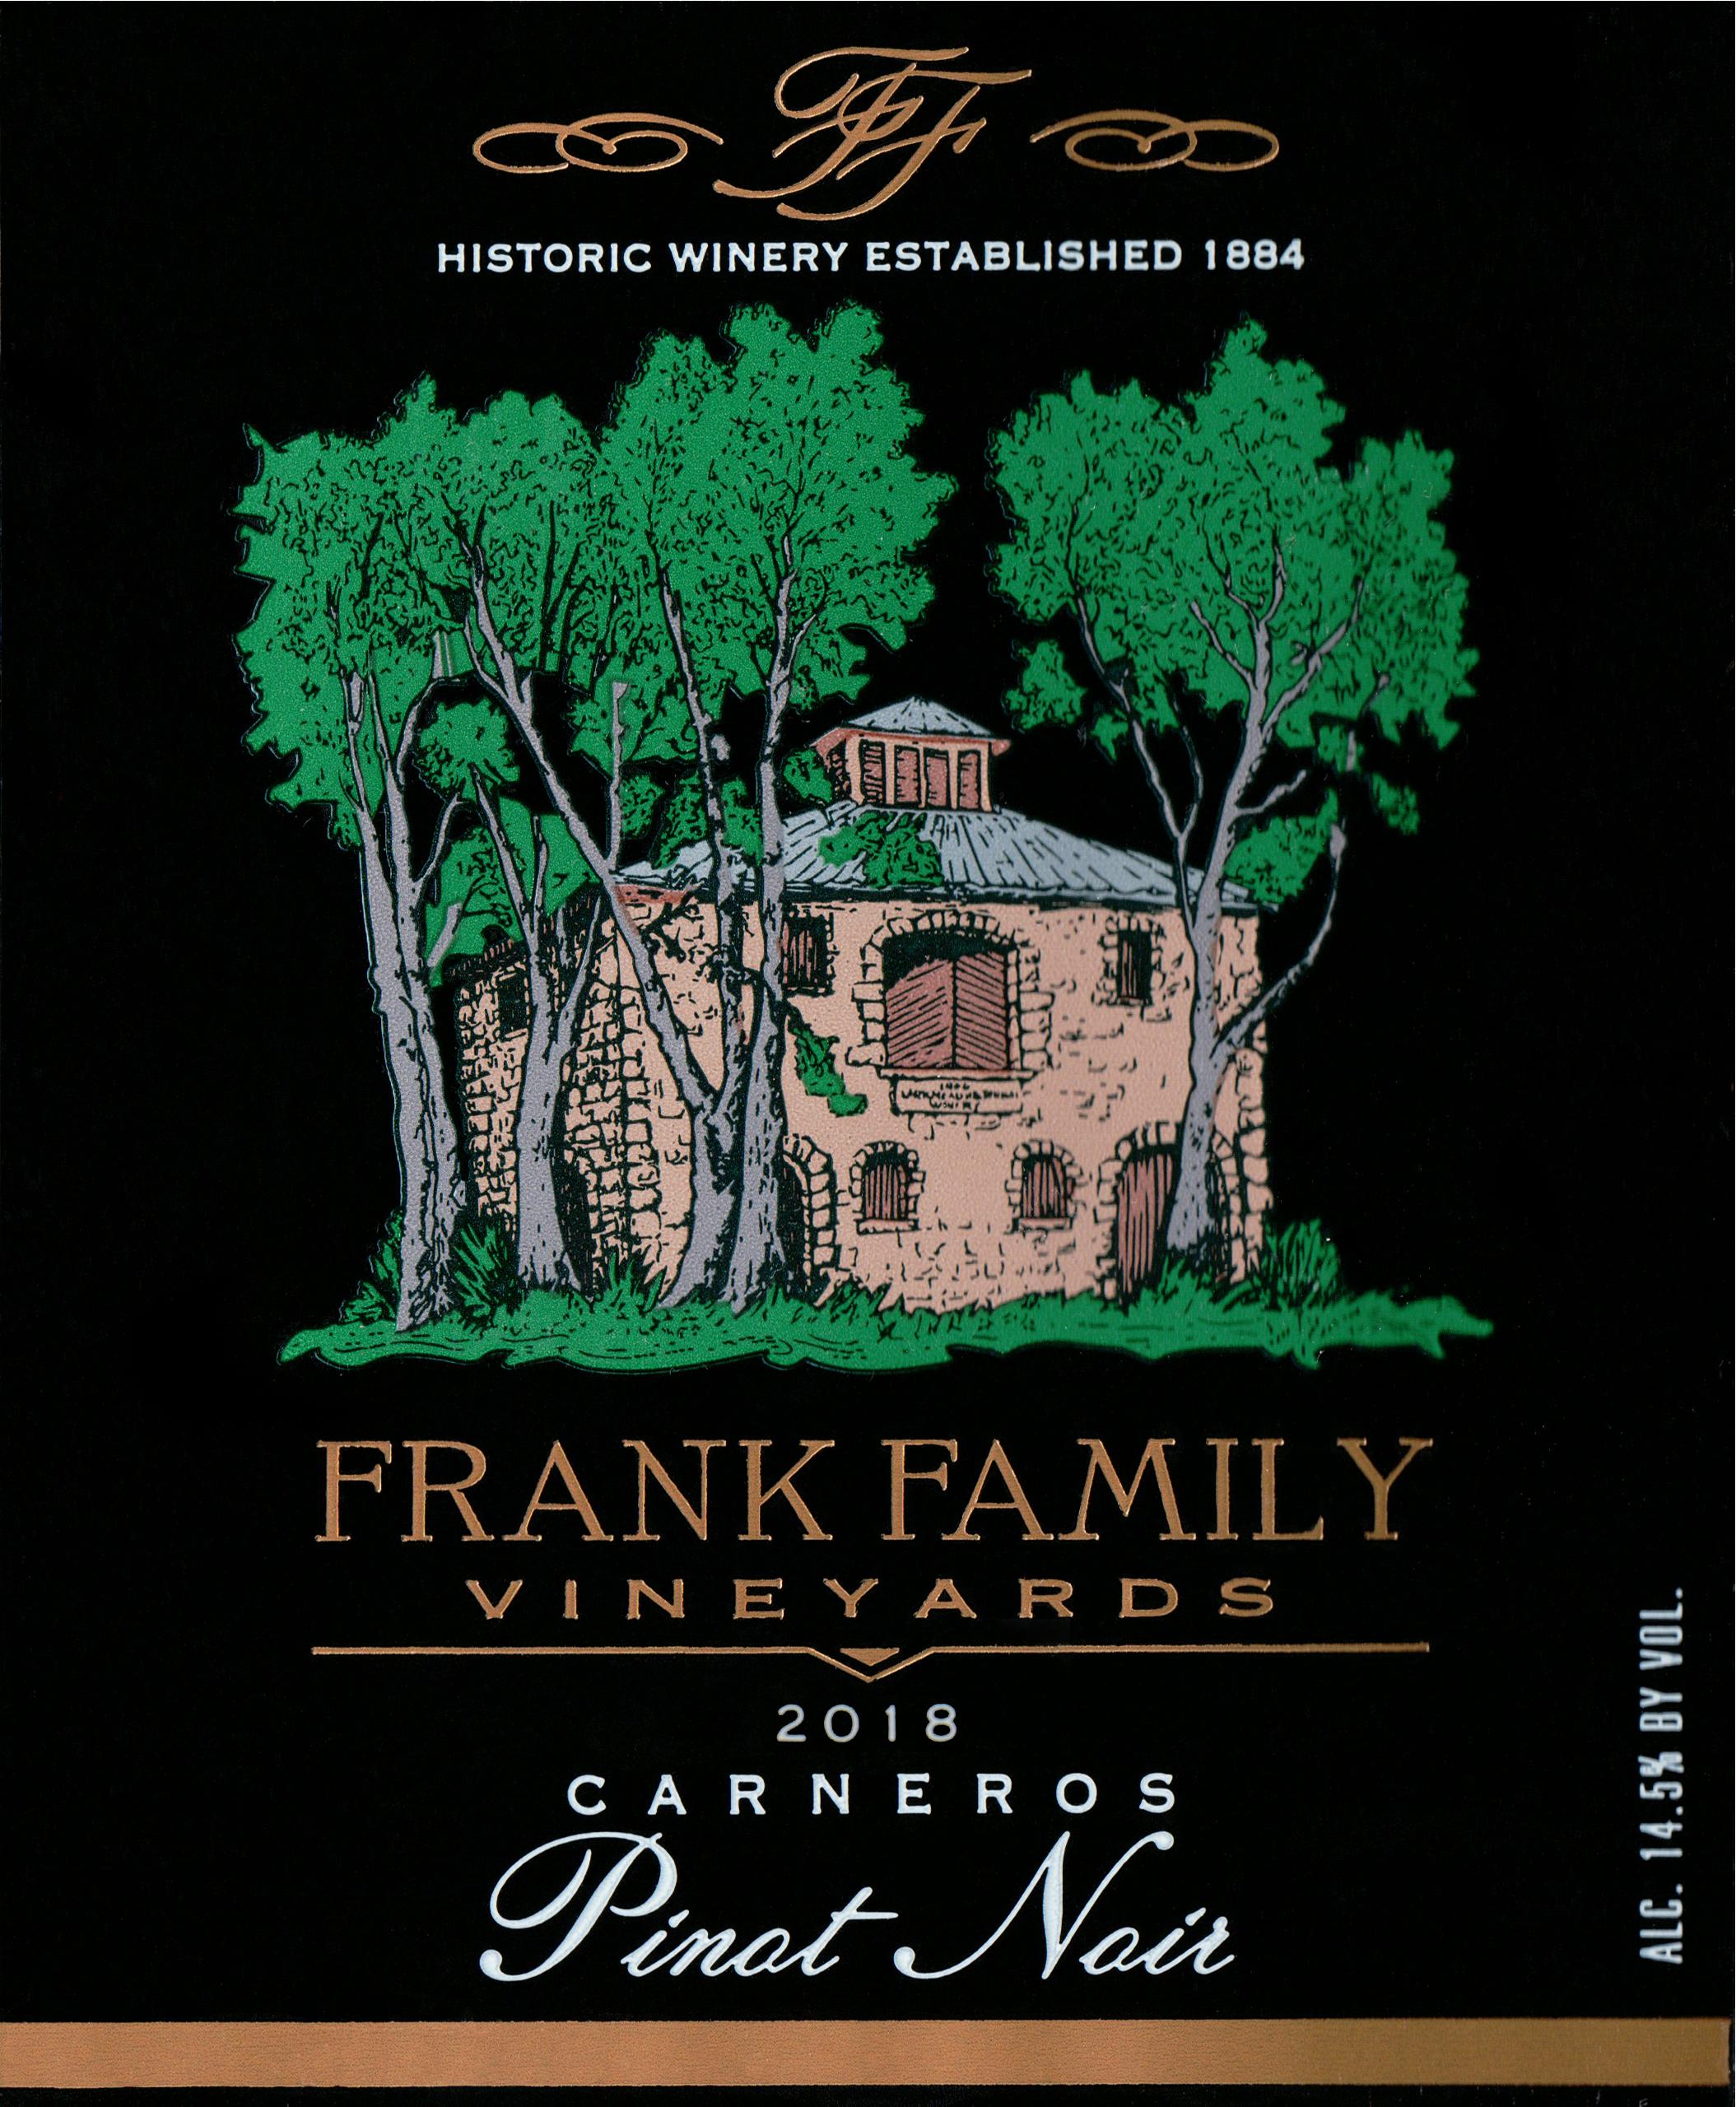 Frank Family Pinot Noir 2018